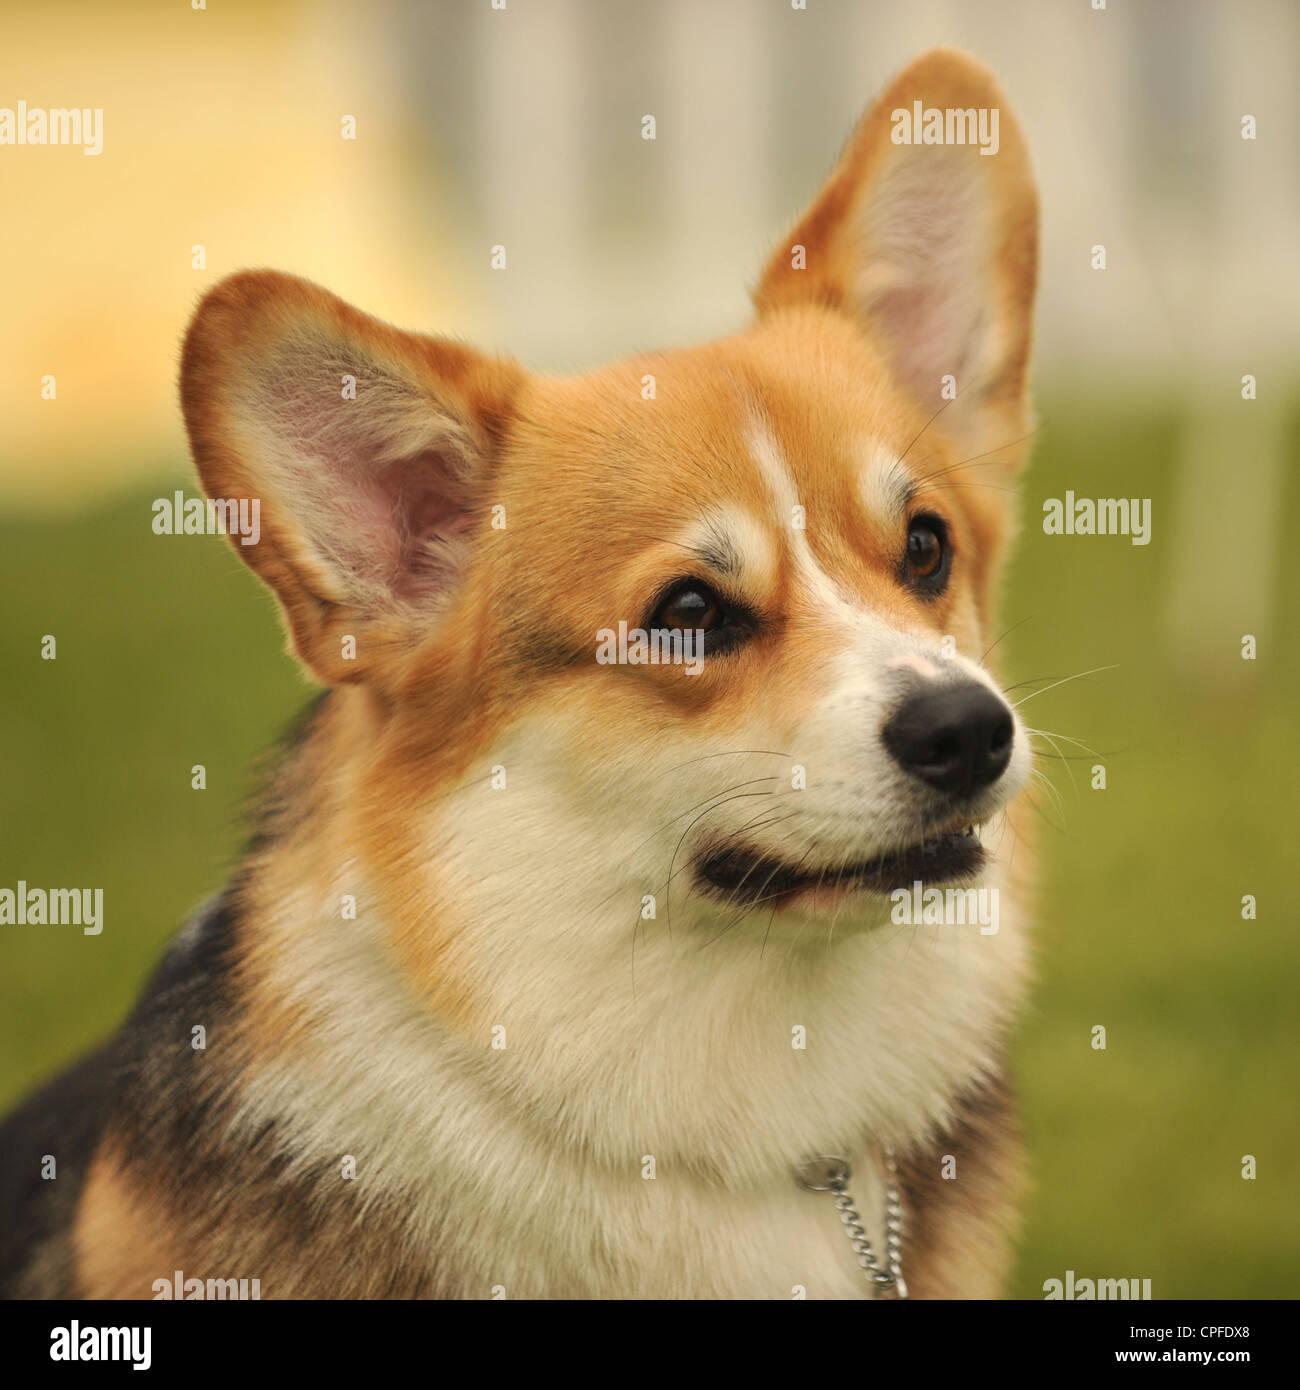 pembroke corgi dog - Stock Image